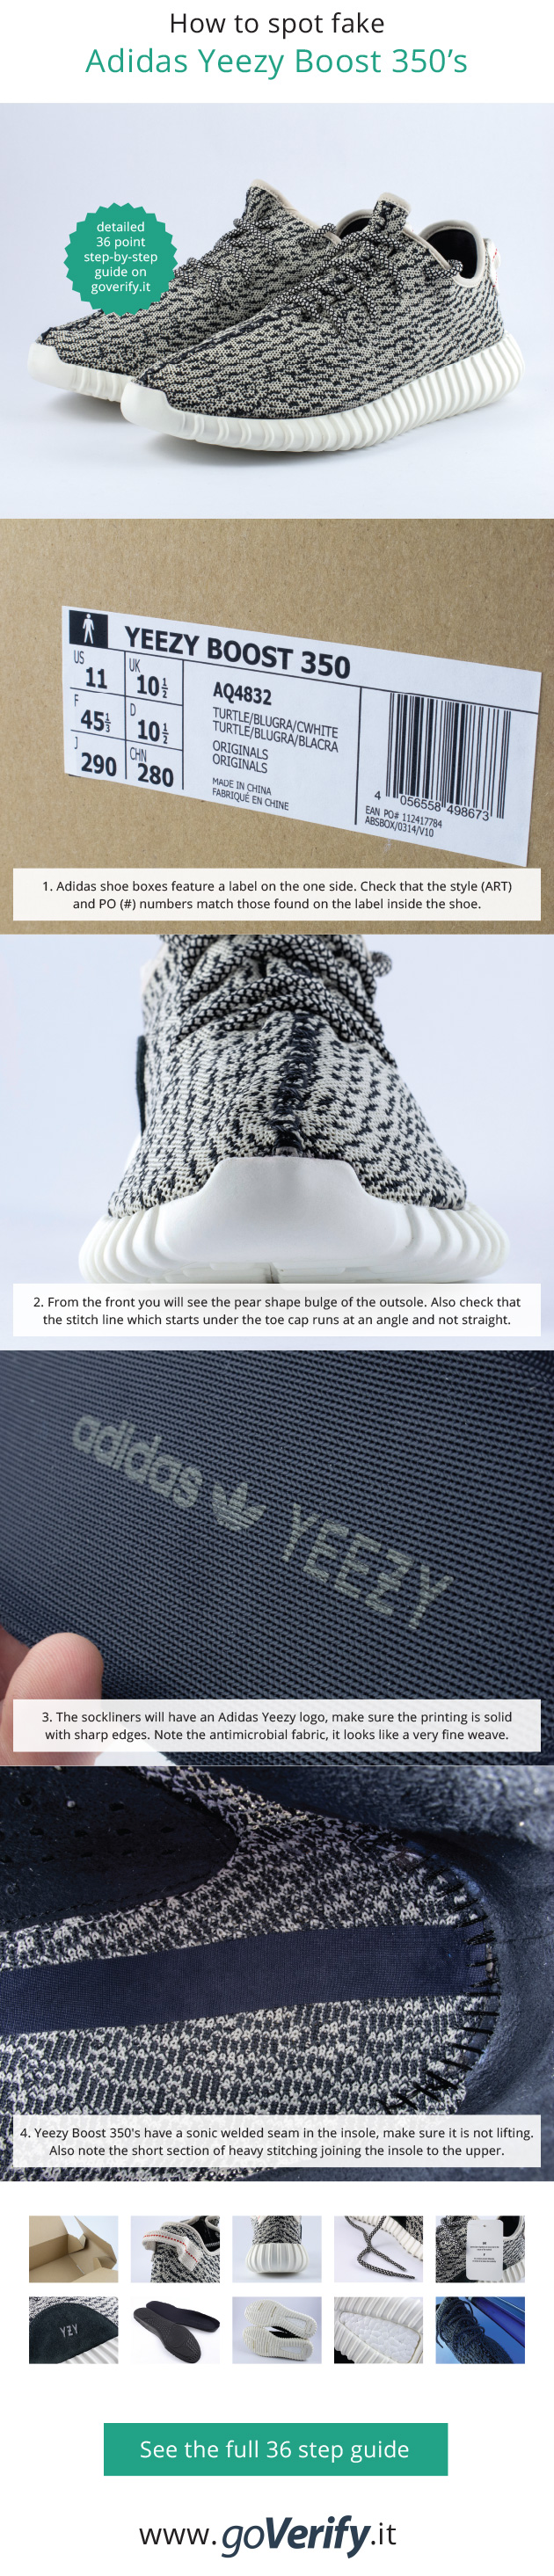 e3831cbe31acc How To For Boost Spot Adidas 350 sGo Goverify it Yeezy Fake qMGUzLSpV